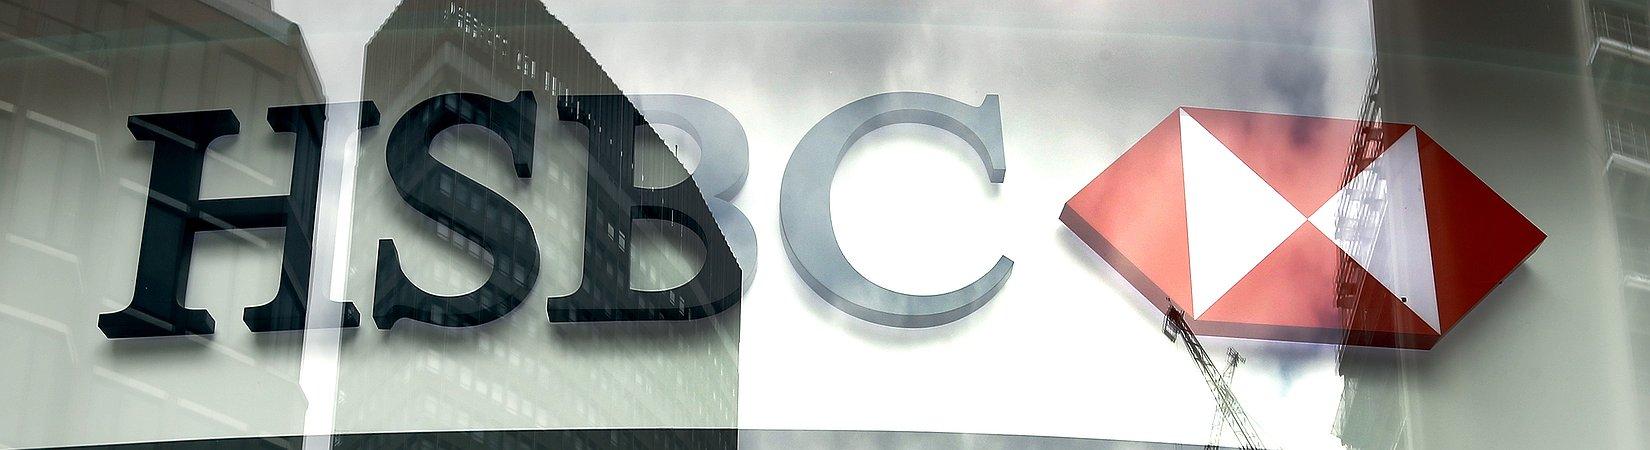 El beneficio de HSBC durante el tercer trimestre aumenta en un 448%